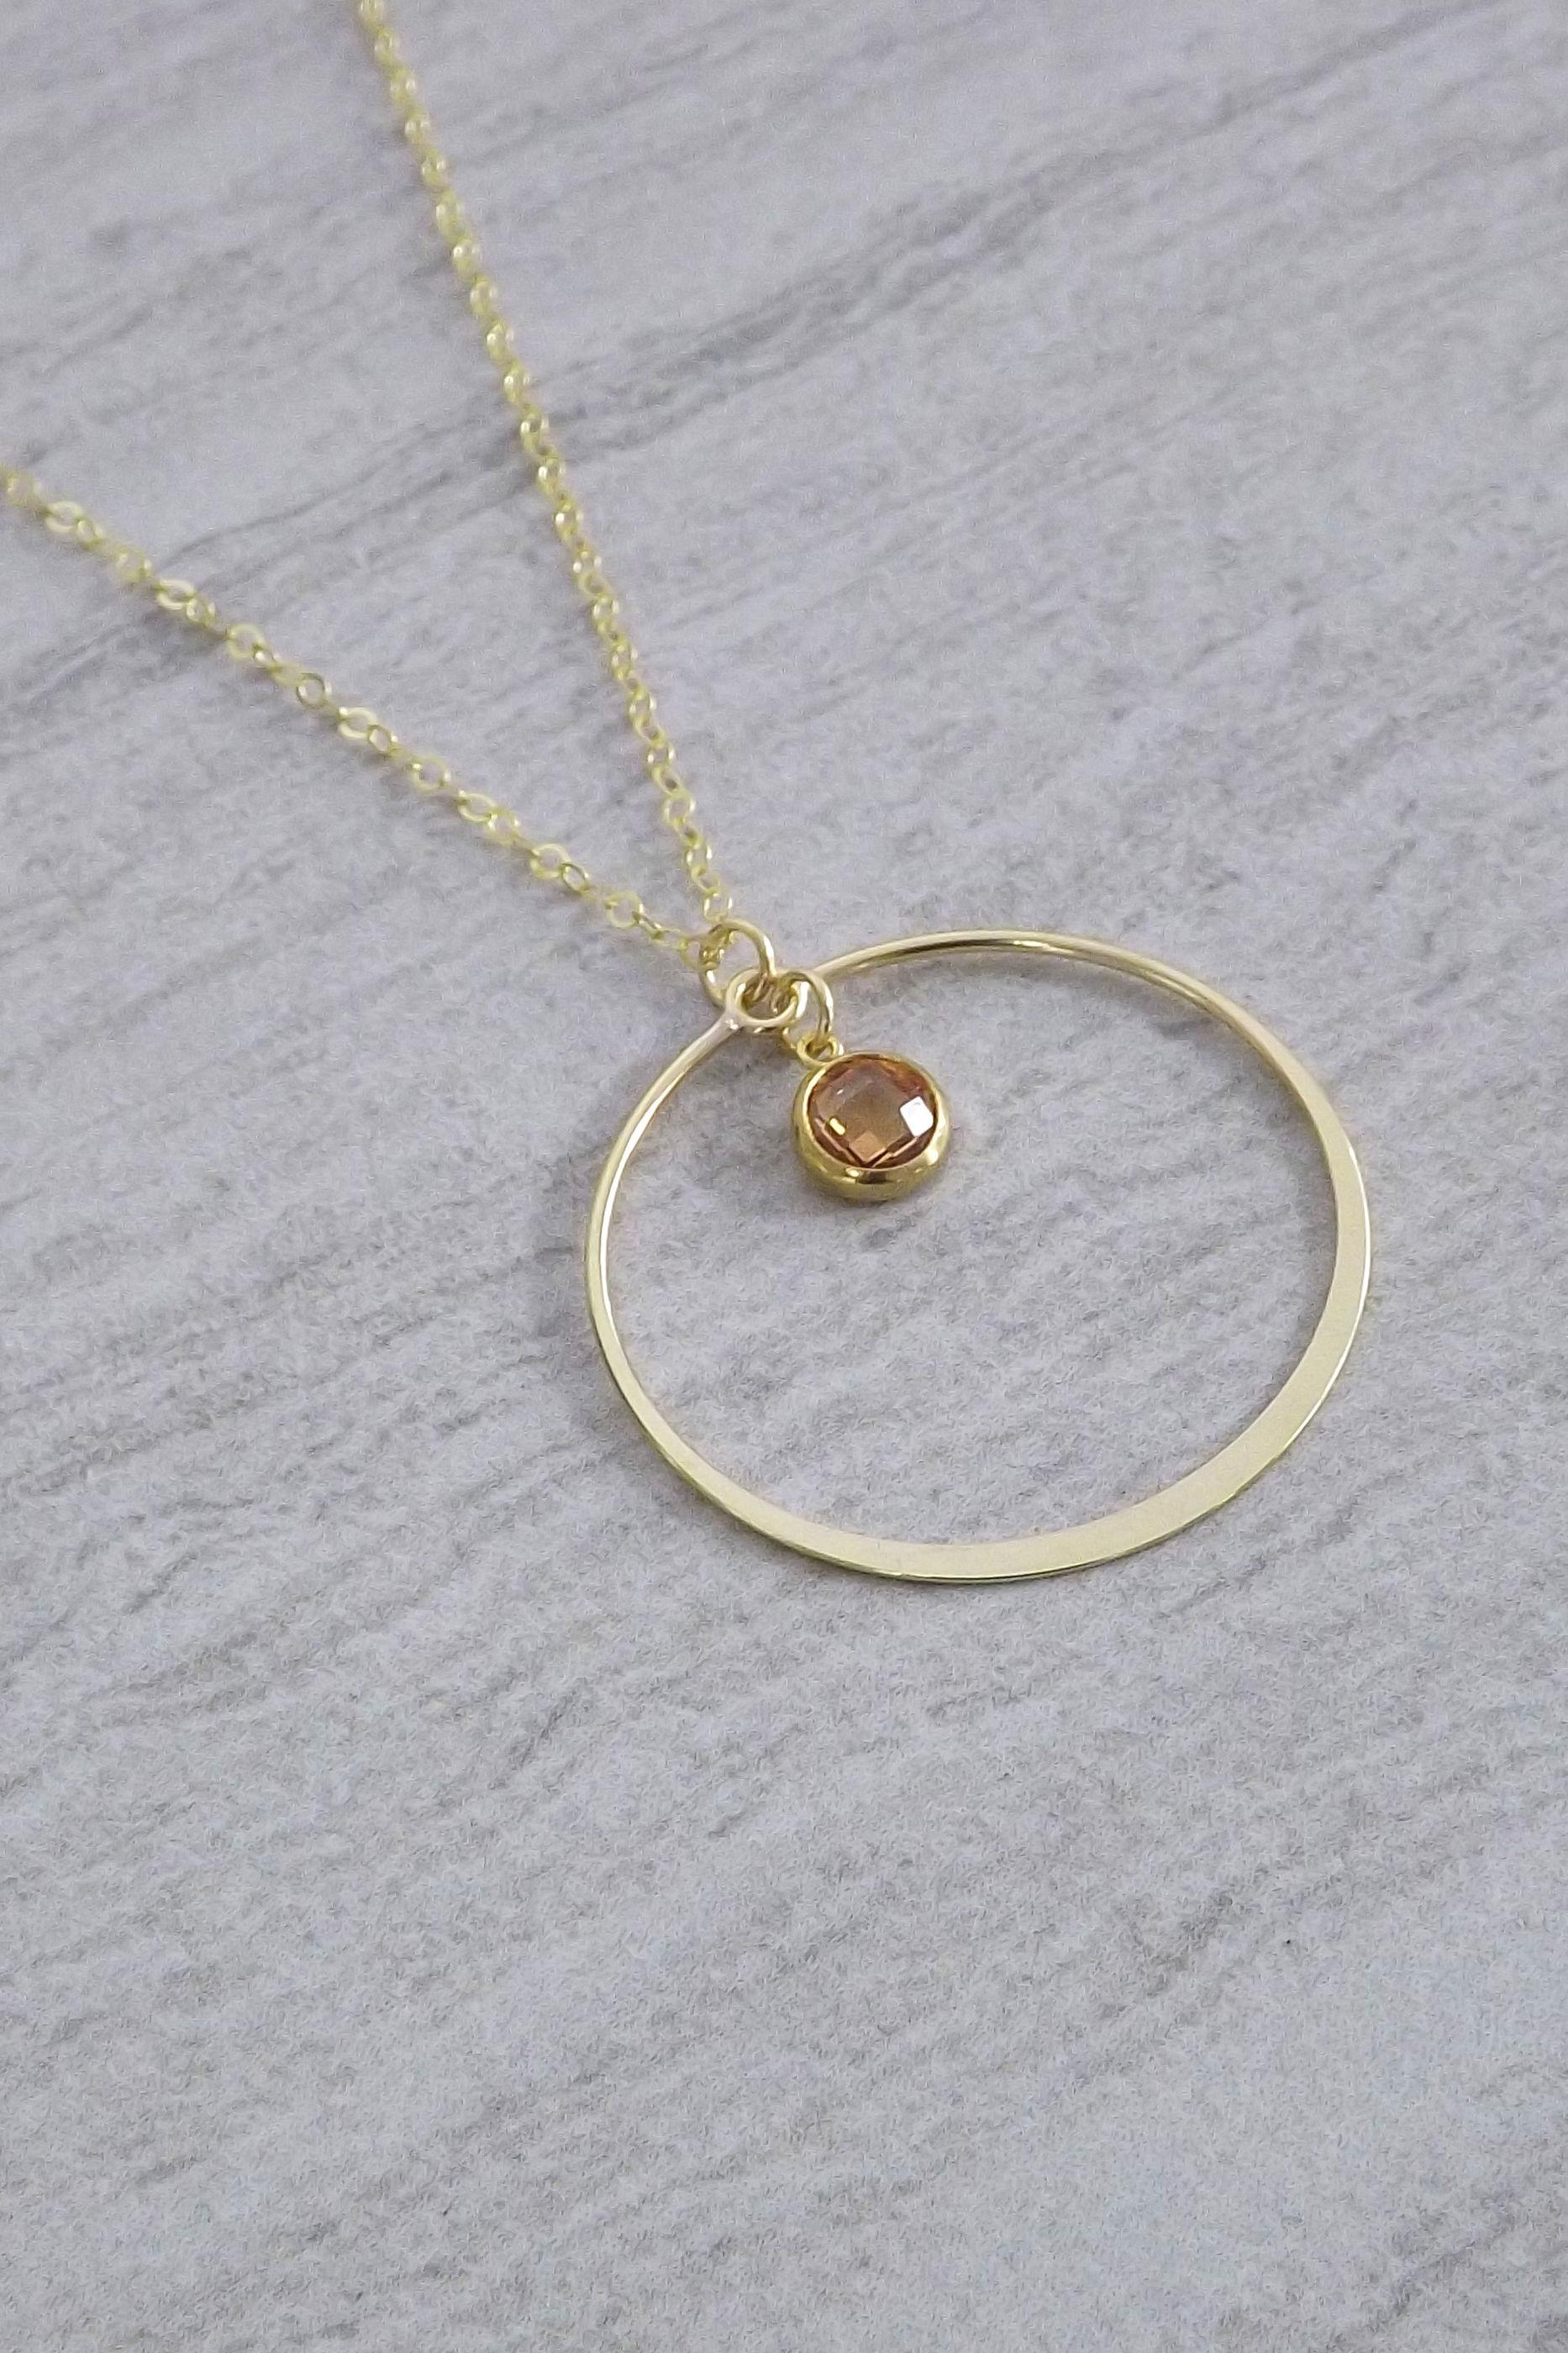 T. Victoria Champagne Gold Circle CZ Pendant